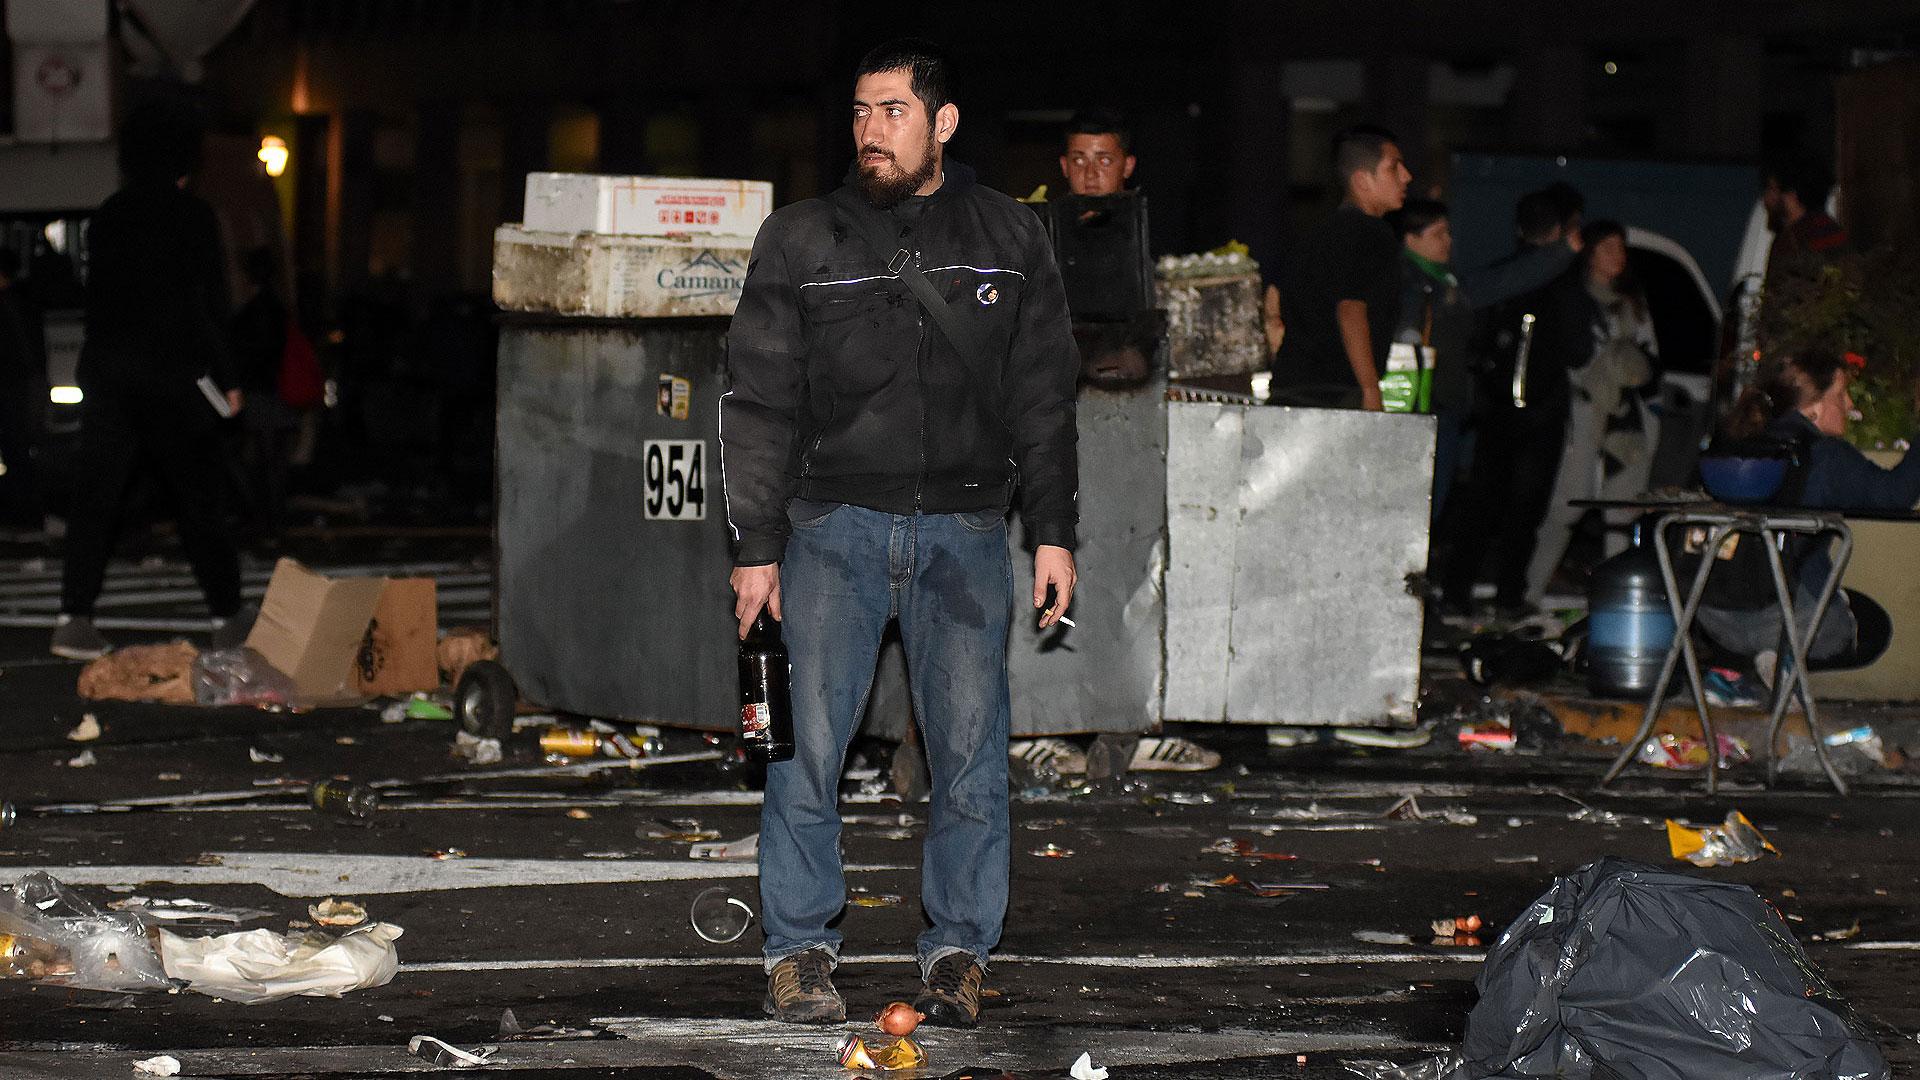 Los ataques incluyeron bombas molotov, botellazos y quema de containers